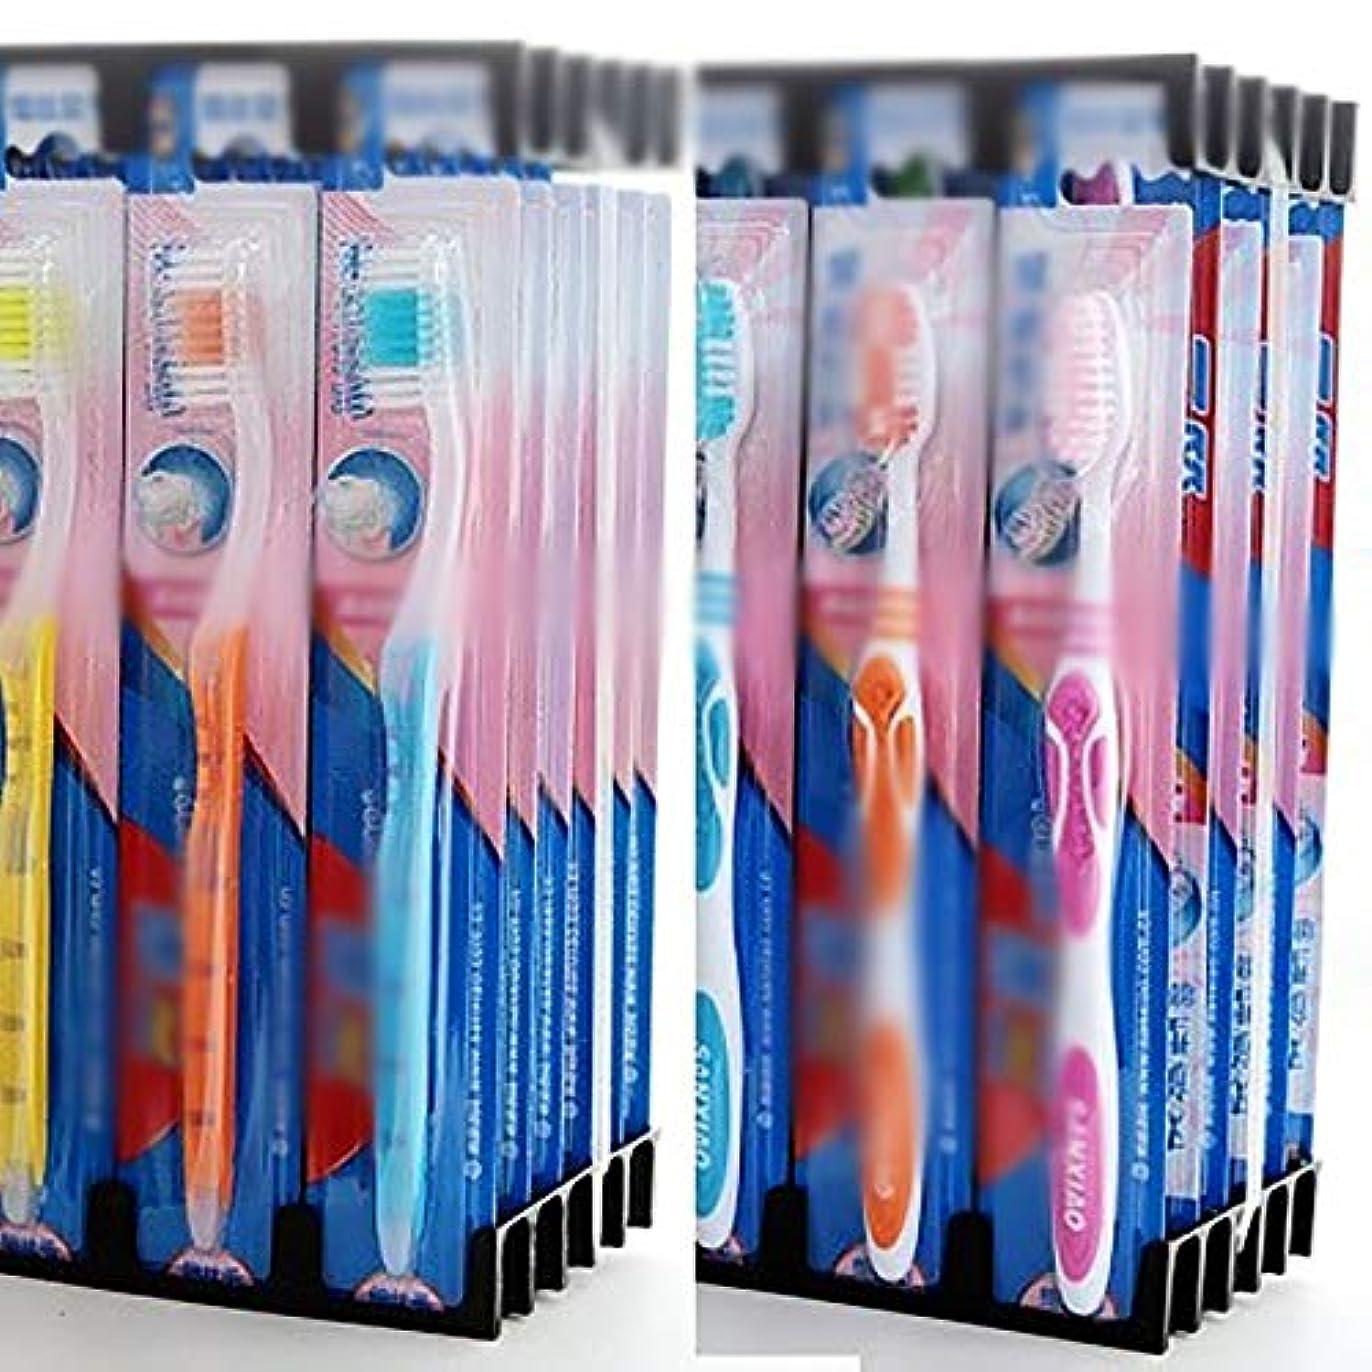 バレエプロフェッショナルいくつかの歯ブラシ 30本のバルク歯ブラシ、ソフト毛歯ブラシ、歯科衛生の深いクリーニング - 使用可能なスタイルの3種類 KHL (色 : B, サイズ : 30 packs)